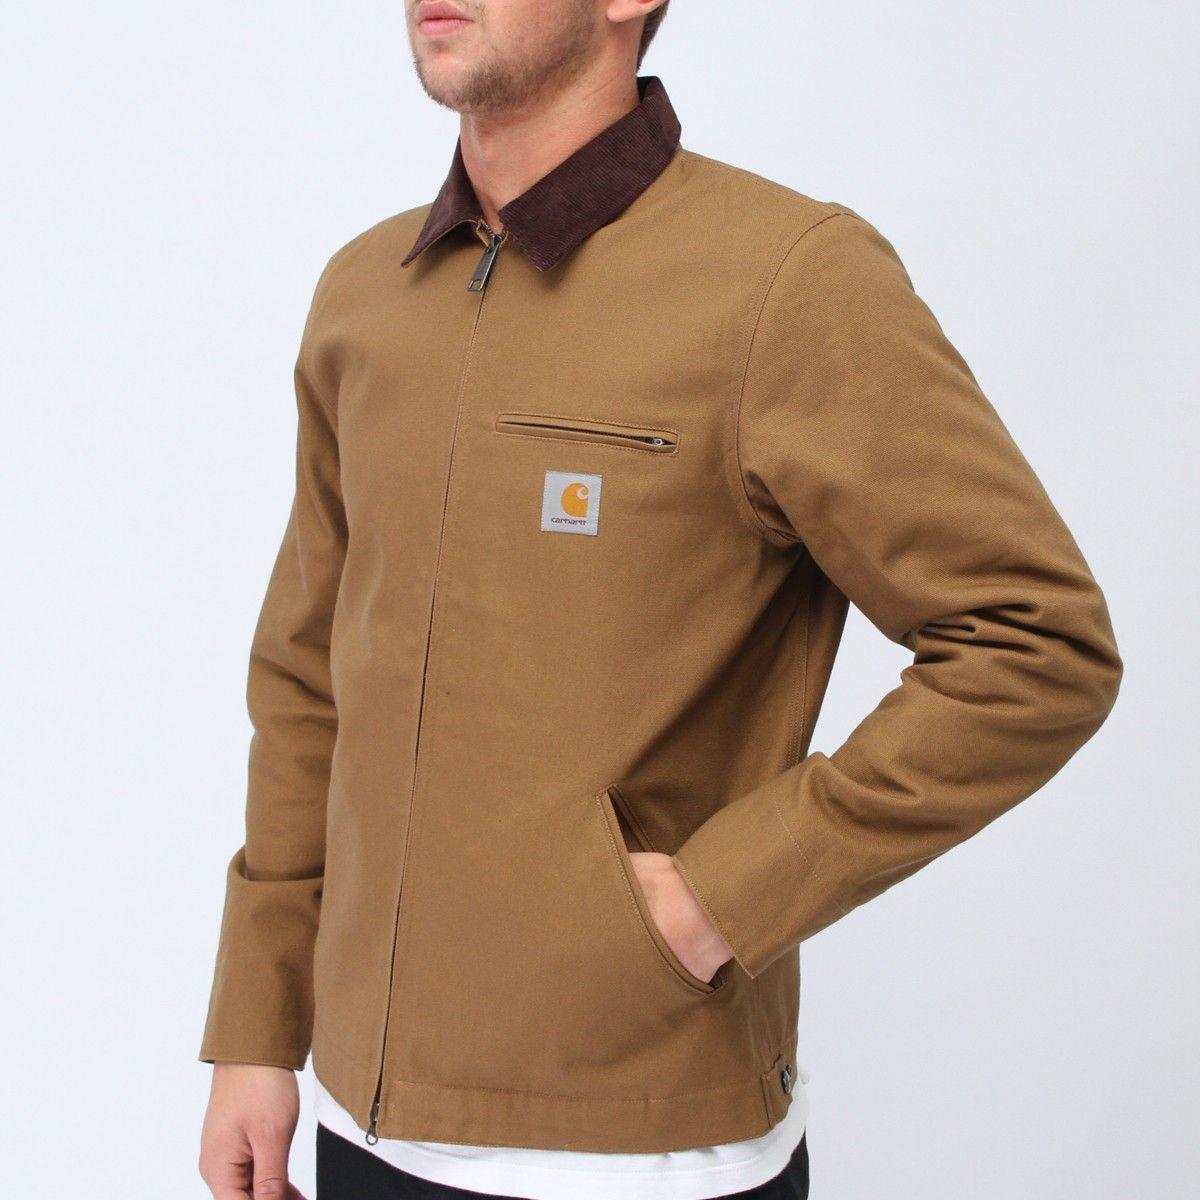 0f44156e801 Carhartt Detroit Jacket Hamilton Brown | Streetwear Wants | S'habiller